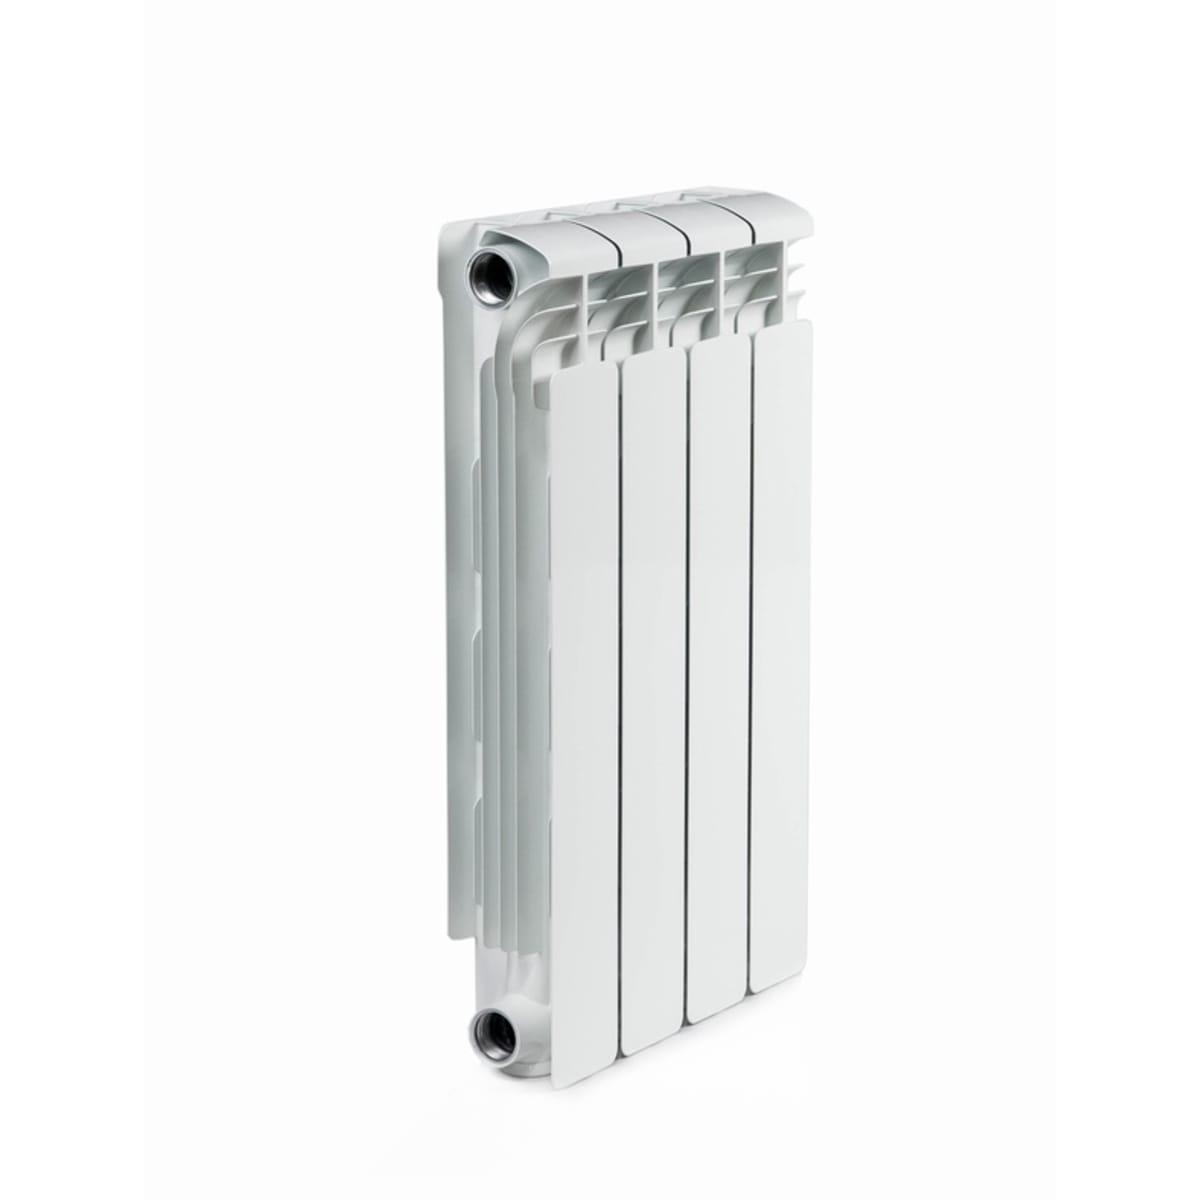 Радиатор алюминиевый Rifar Alum 500, 4 секции, цвет белый